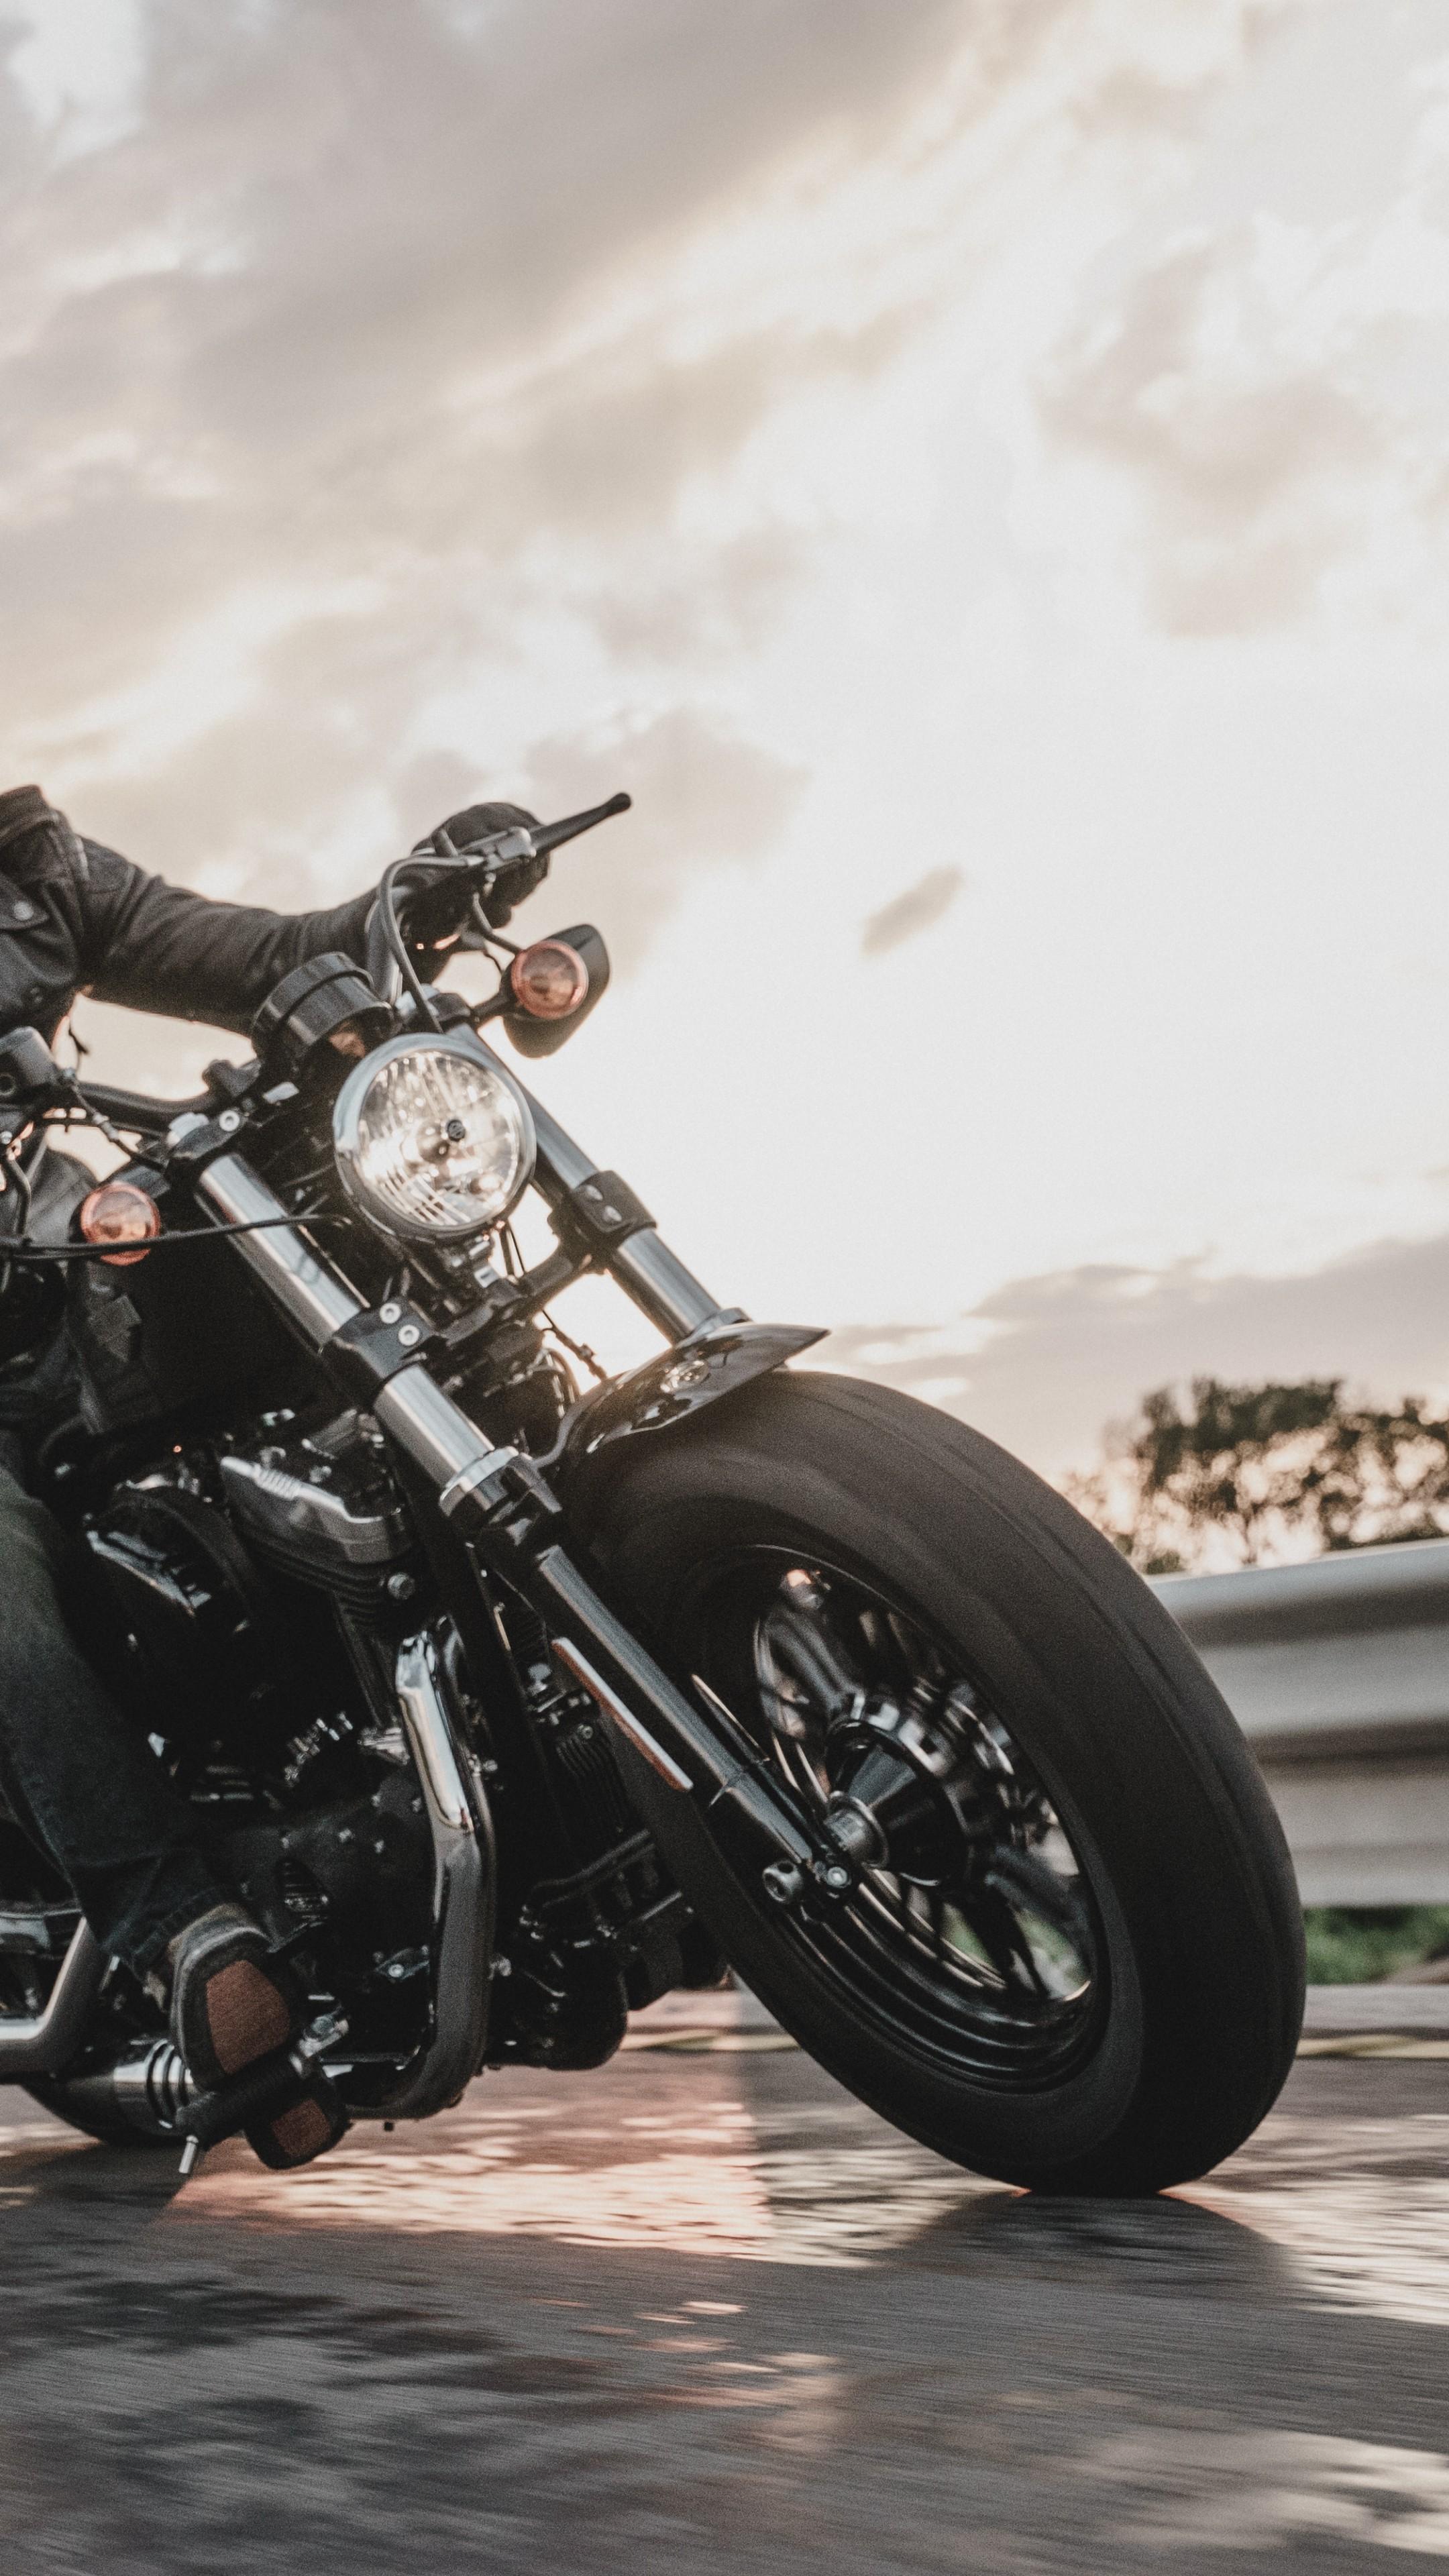 Wallpaper Harley Davidson Iron 883 Black Bike Year 2016